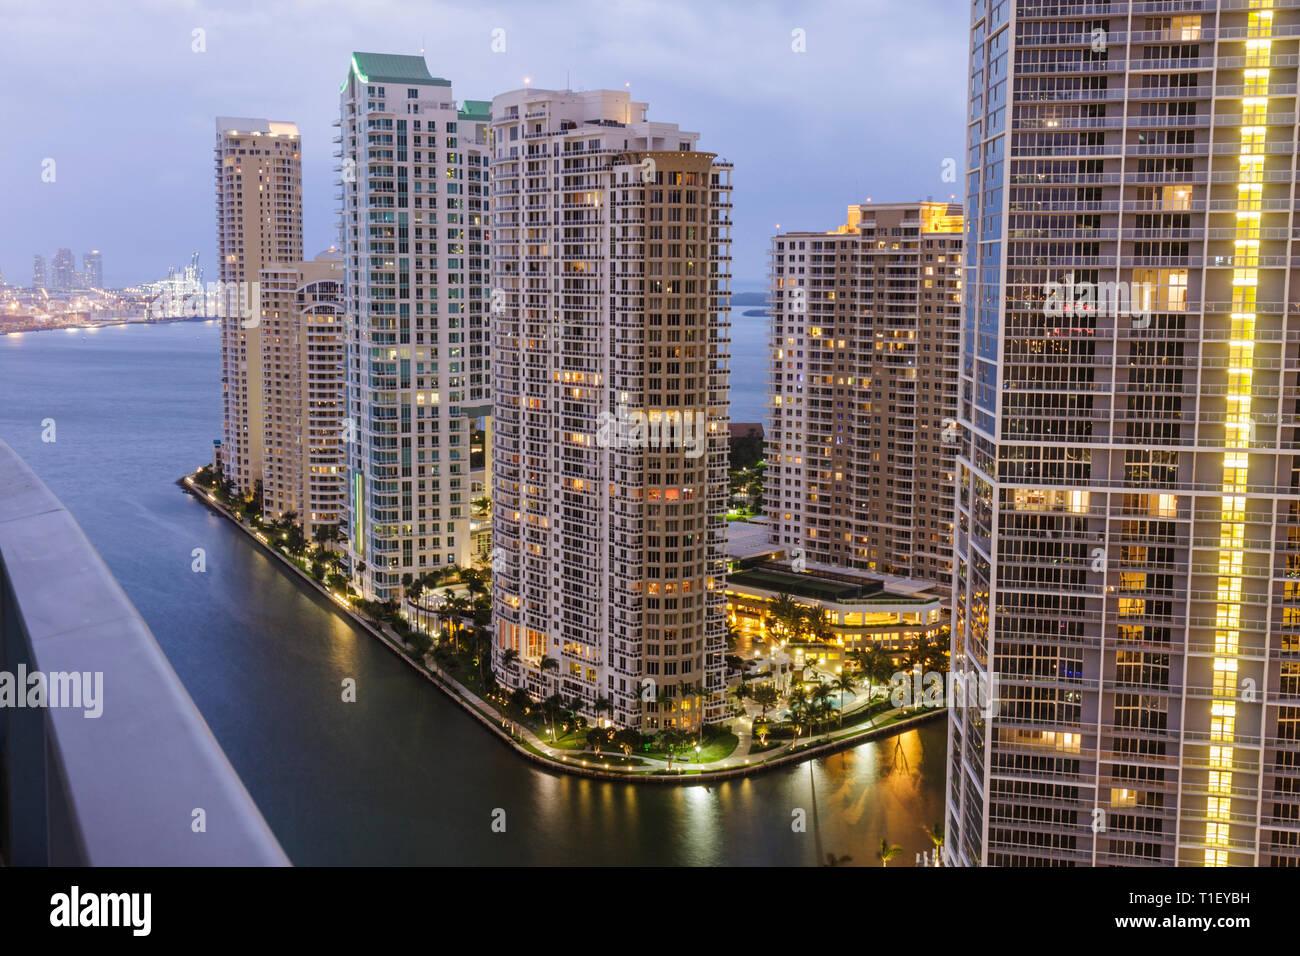 Florida FL South Miami Brickell Schlüsselansicht von Epic Hotel Hotels Unterkunft Inn Motel Motels Immobilien Gebäude Stadt Skyline Stadtbild Kondom Stockfoto